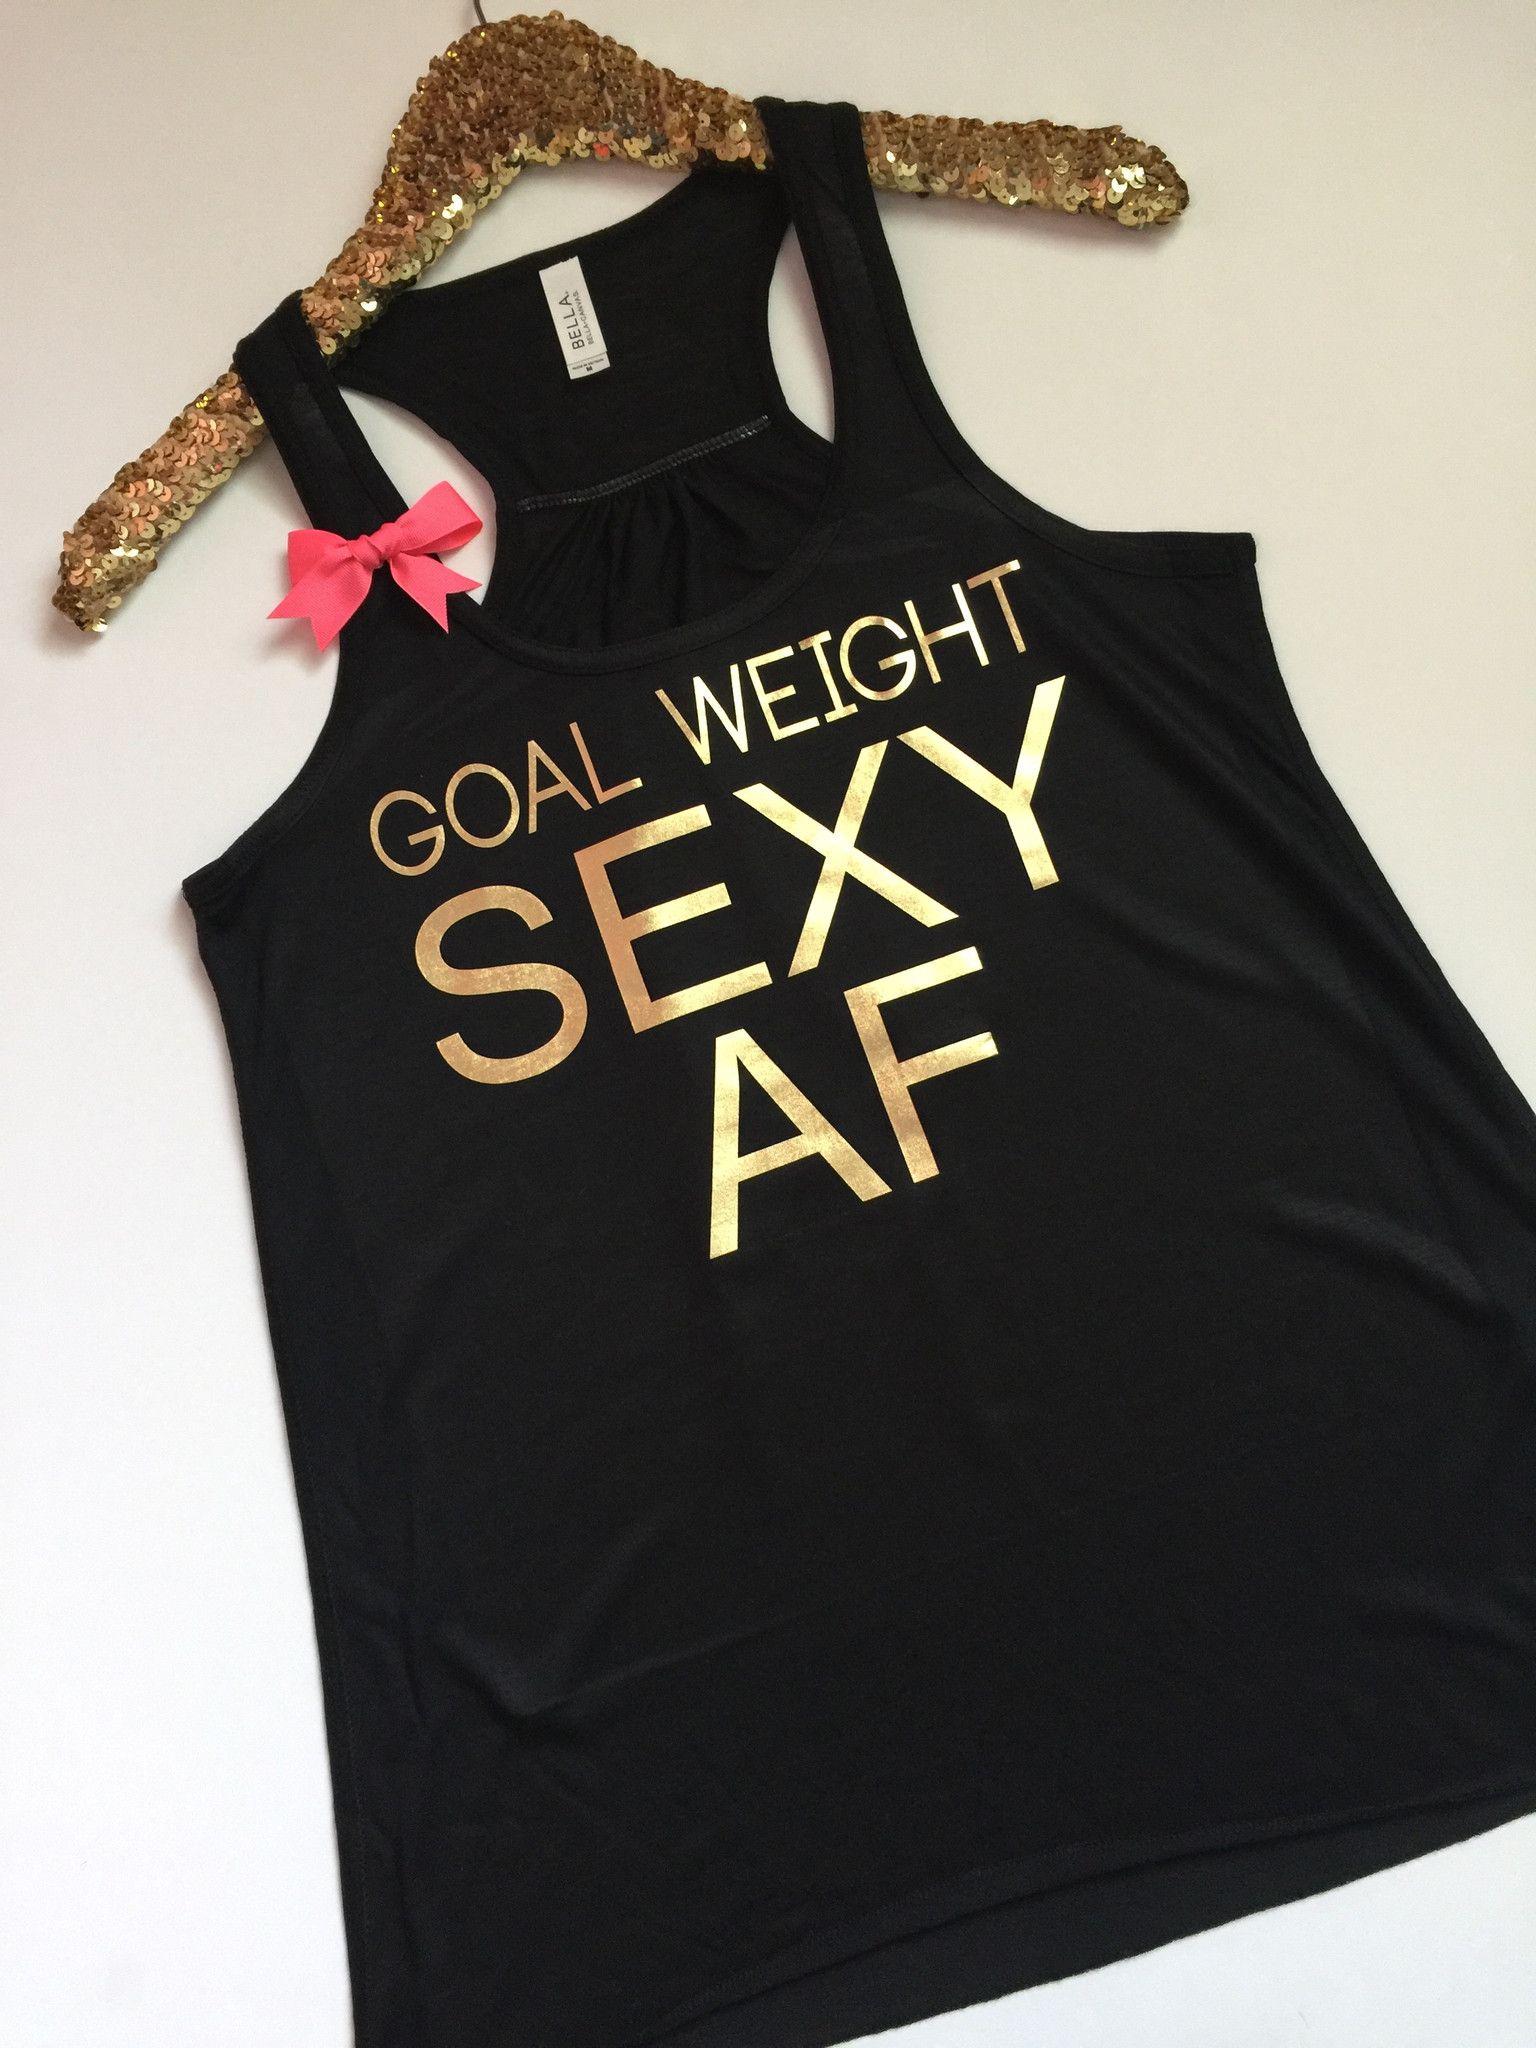 Sexy workout shirts